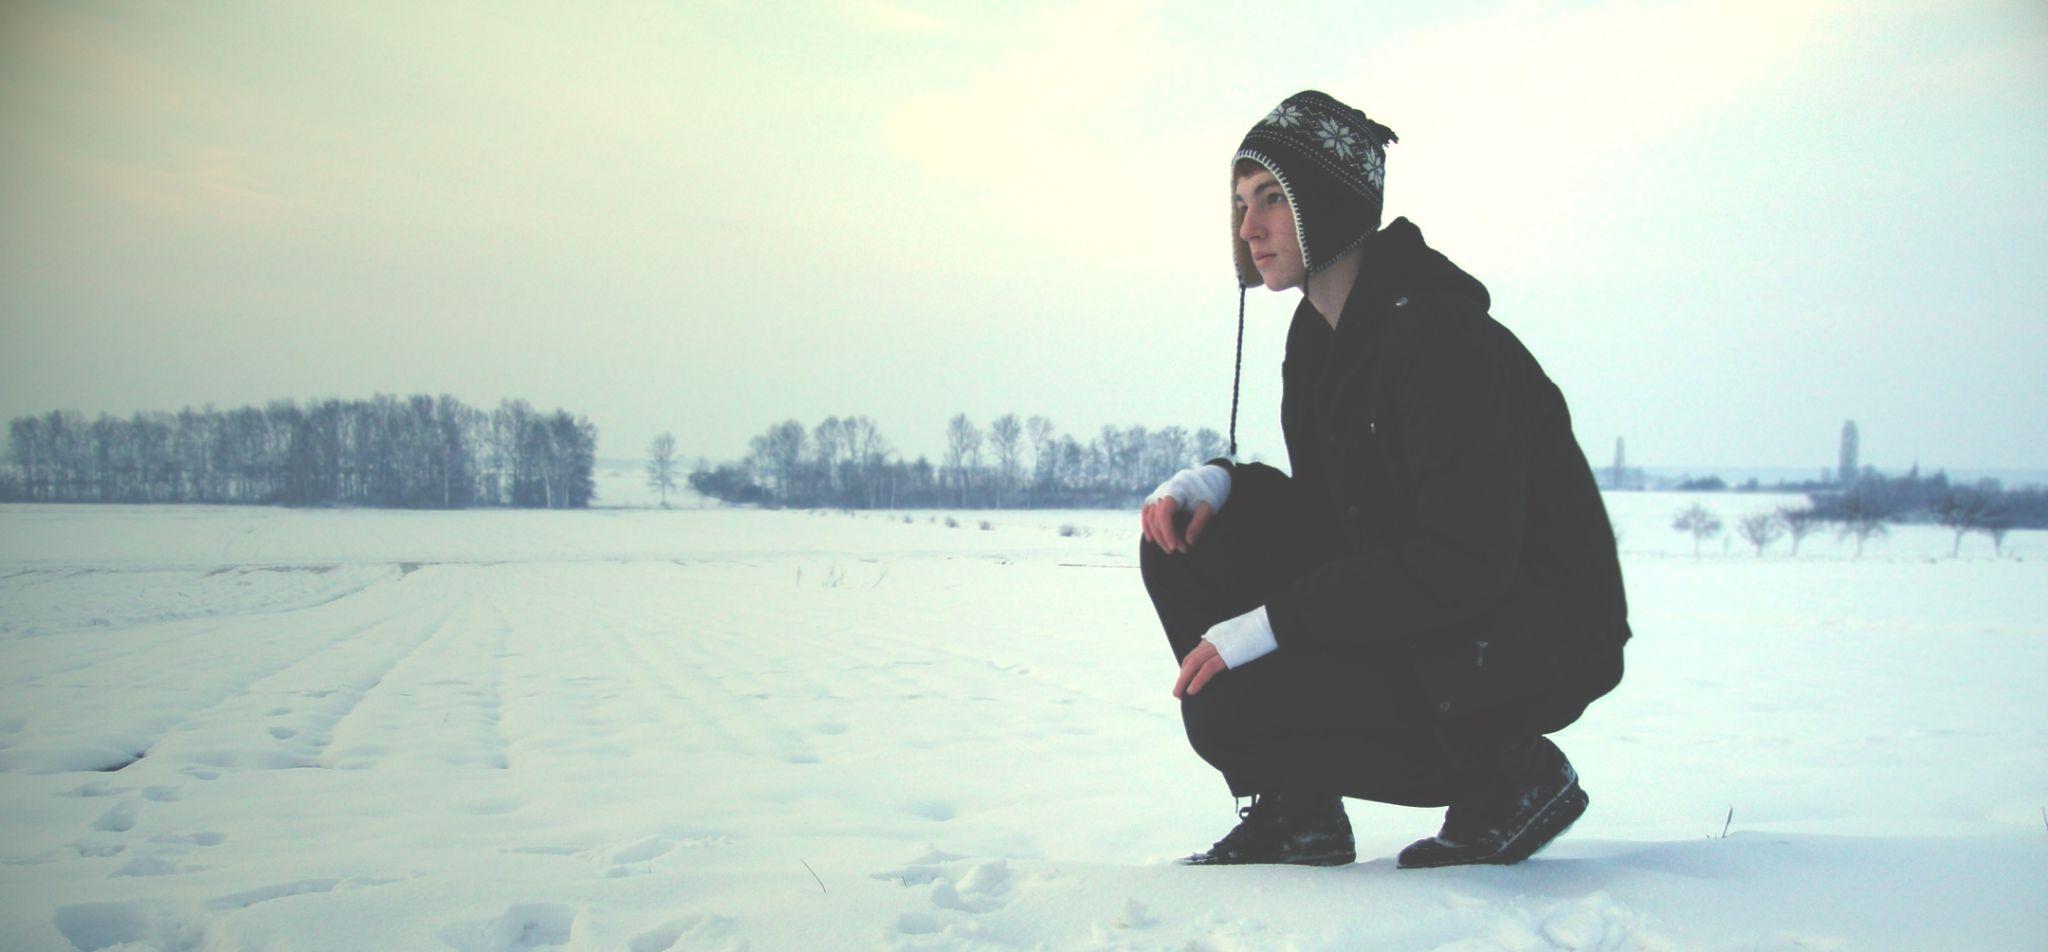 Winter's tale by Josip Kos